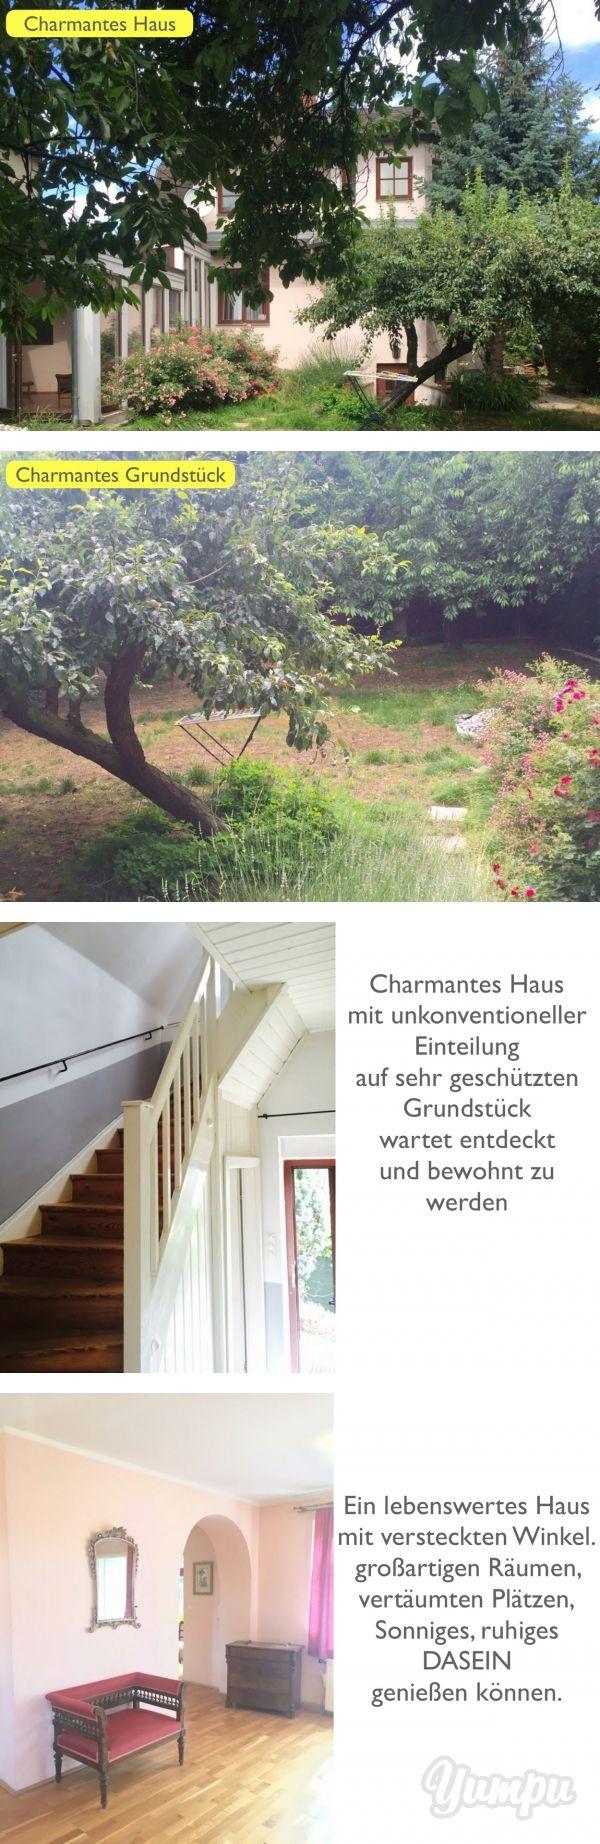 Romantisches Haus  _schönes uneinsehbares Grundstück _Angenehme Nachbarschaft  - Magazine with 22 pages: